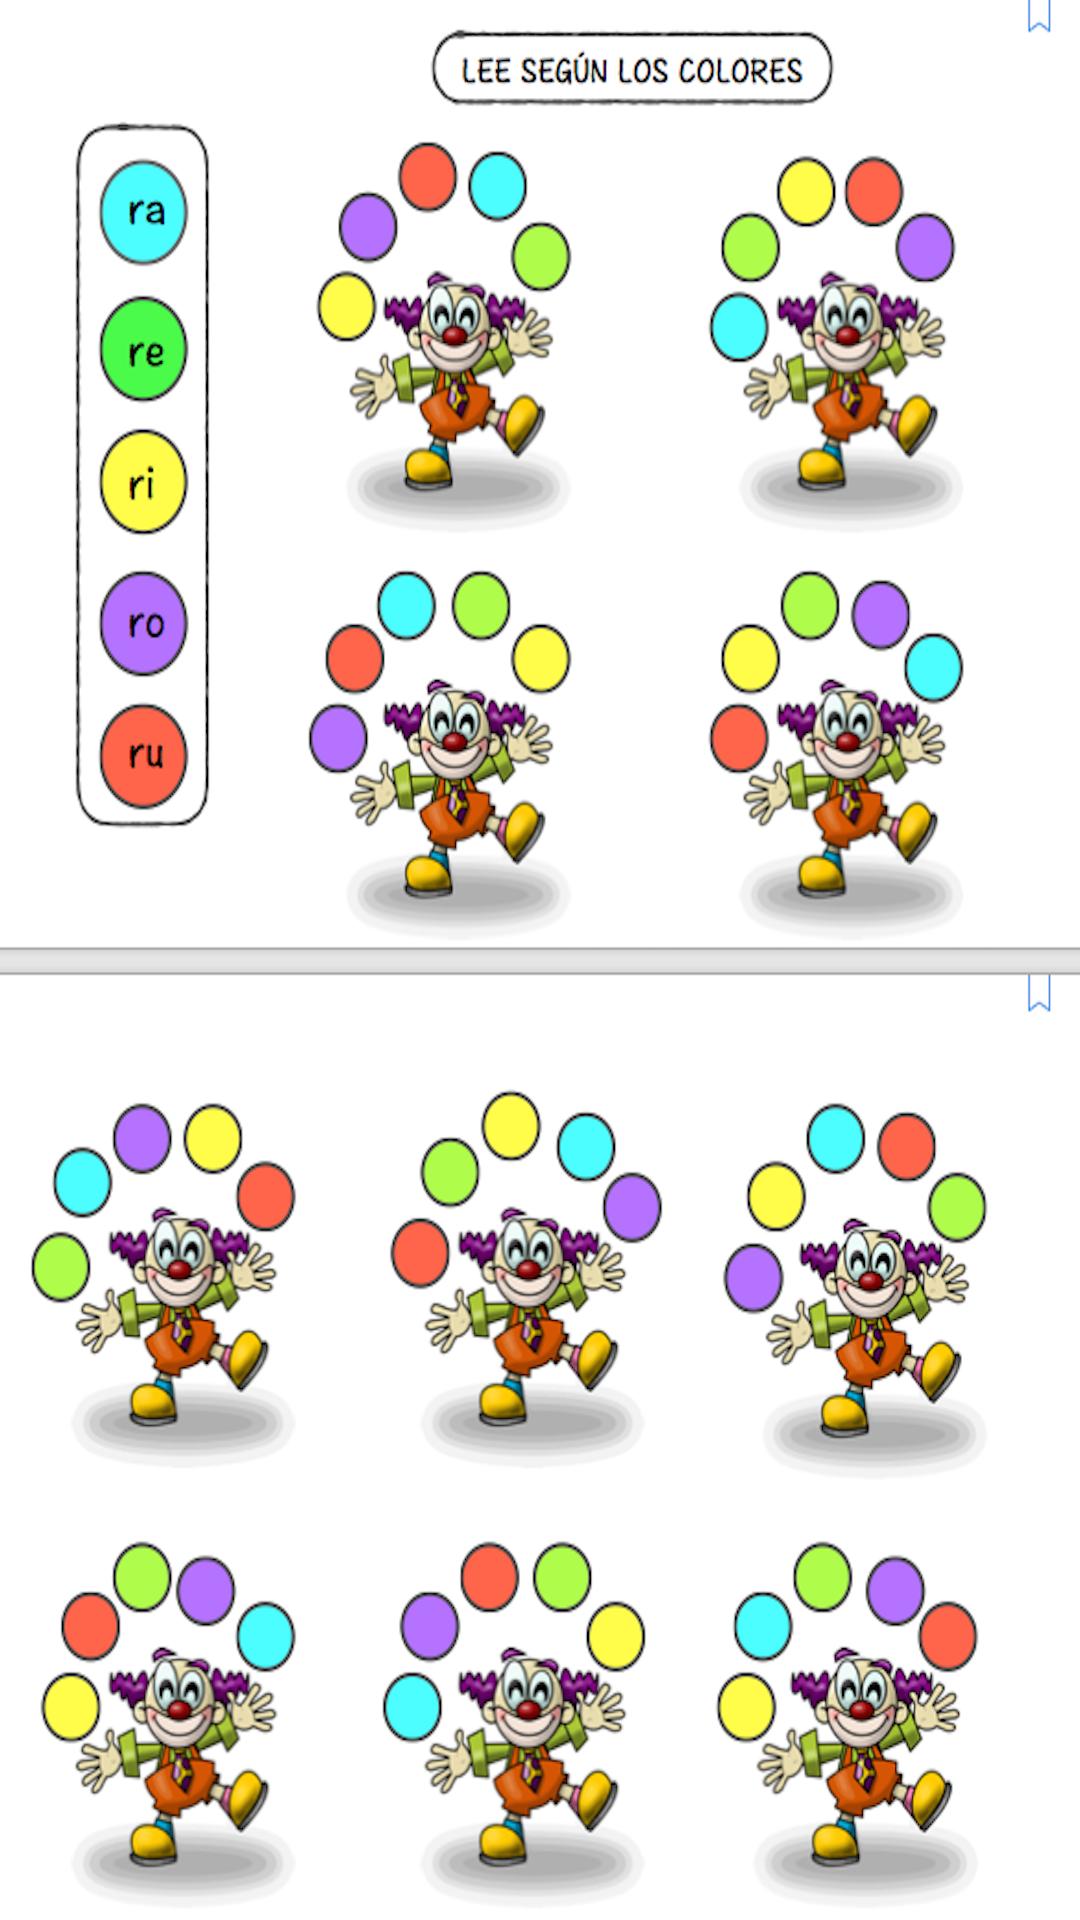 Leer según los colores R